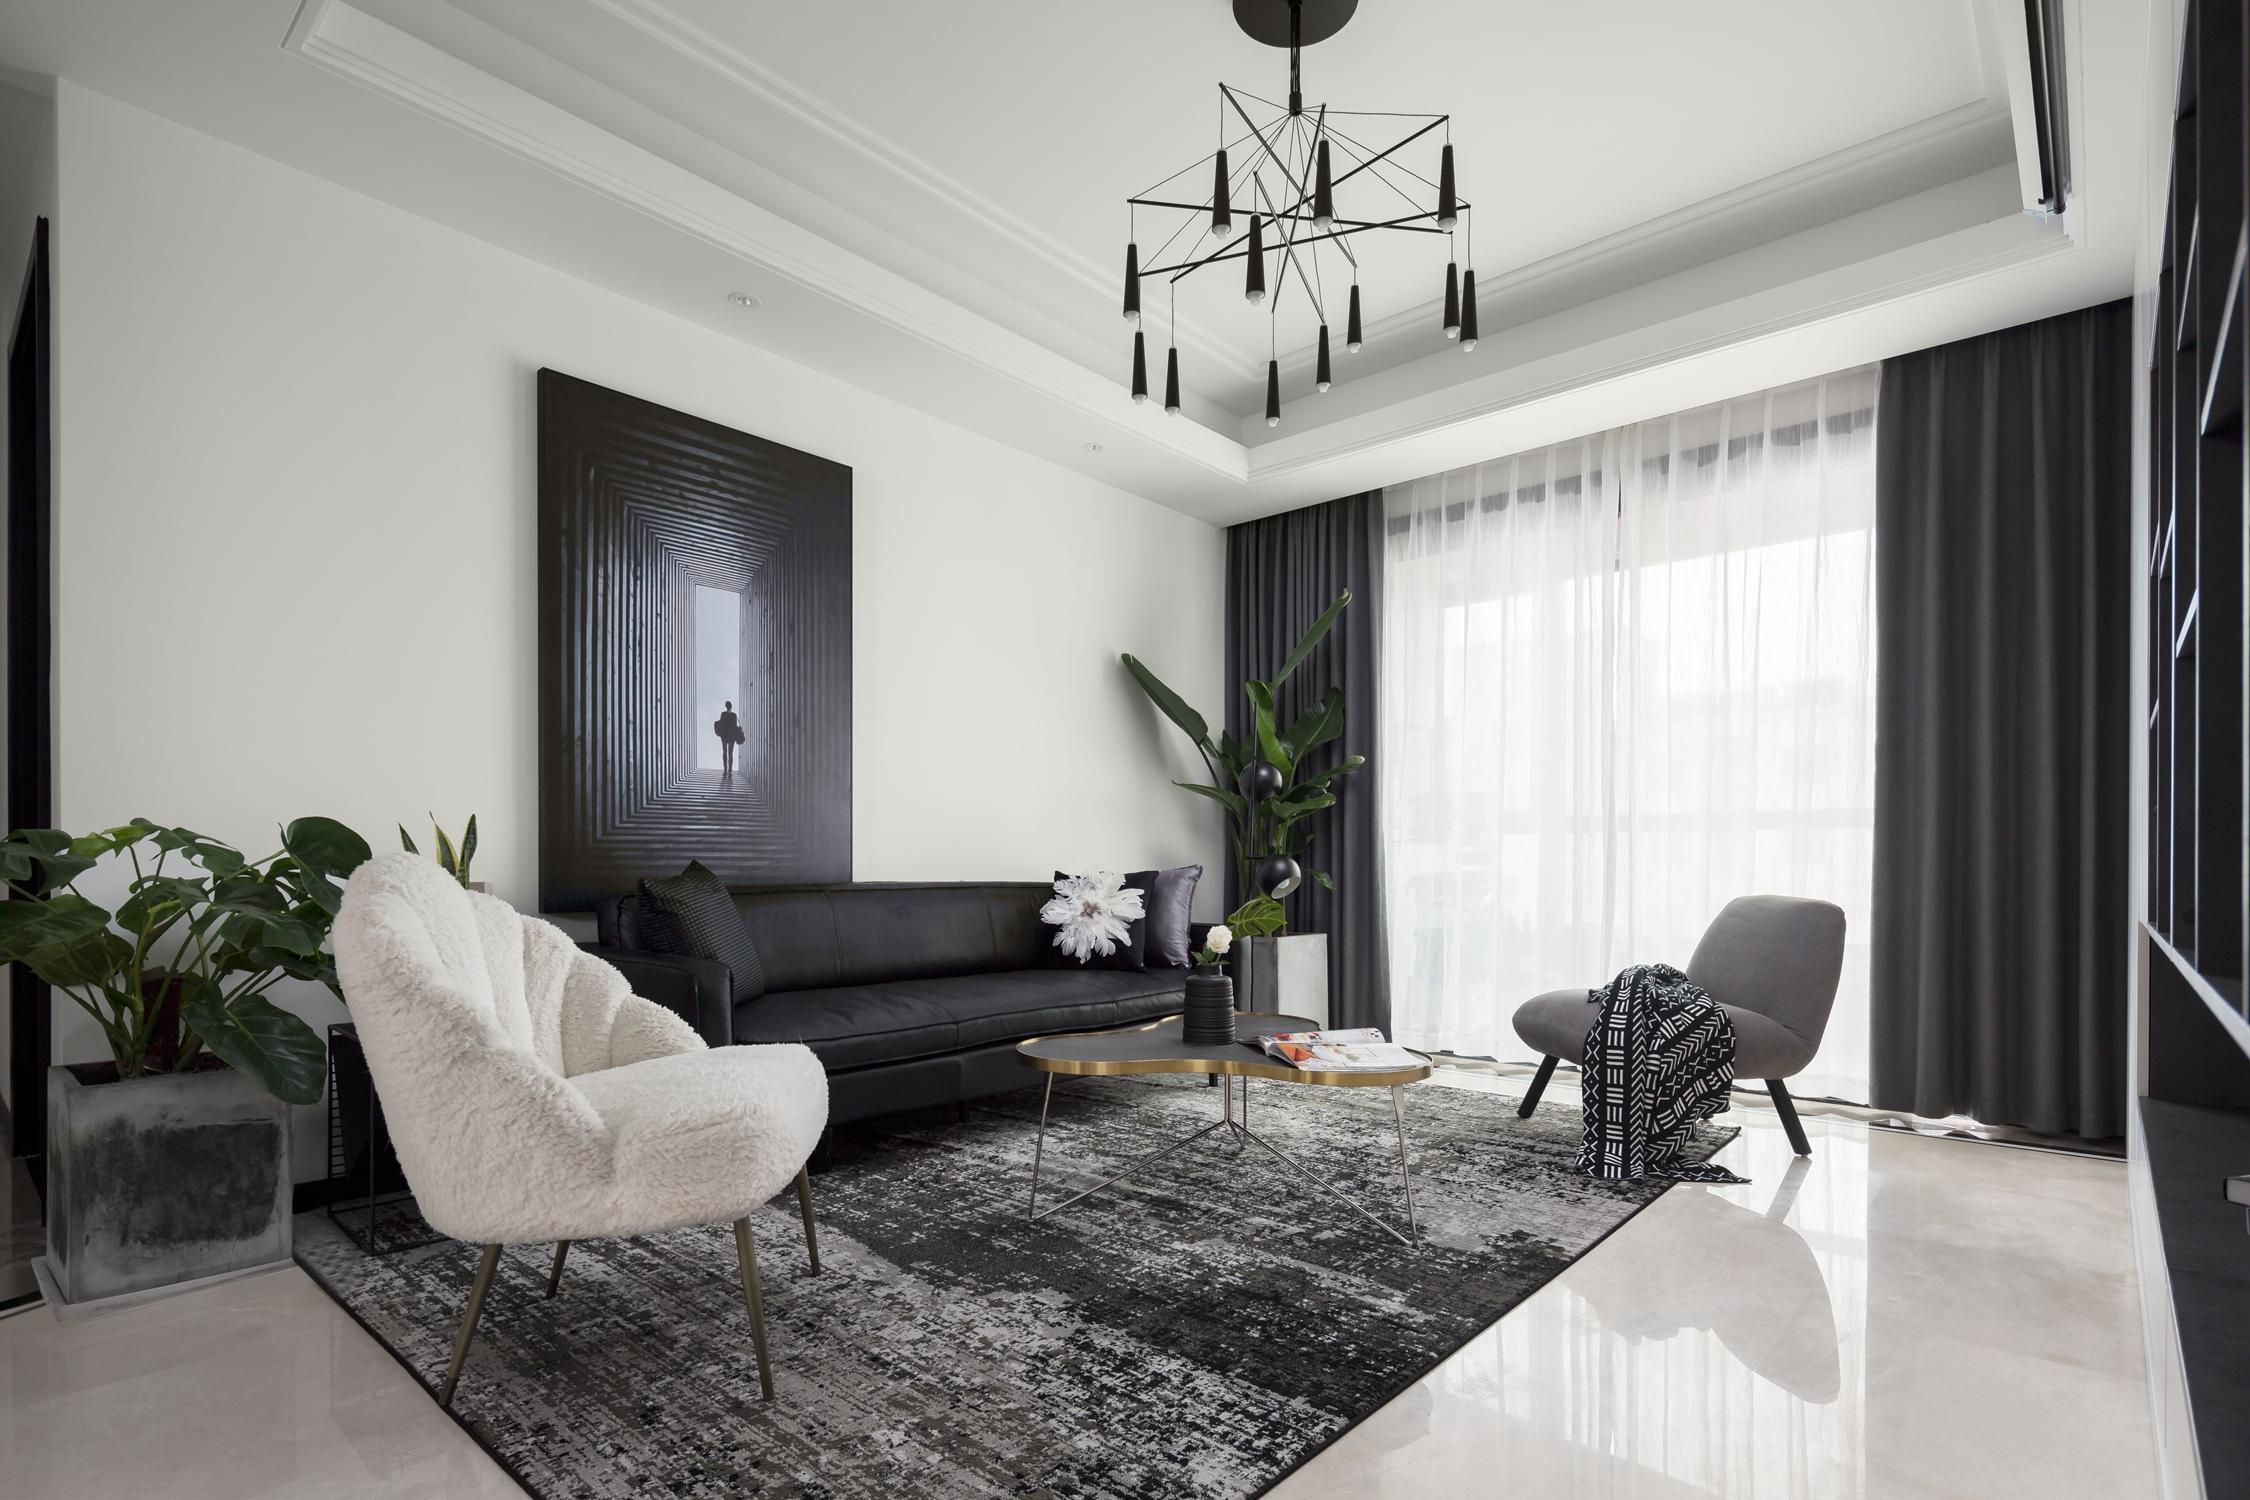 简约现代风格三居客厅沙发墙装修效果图